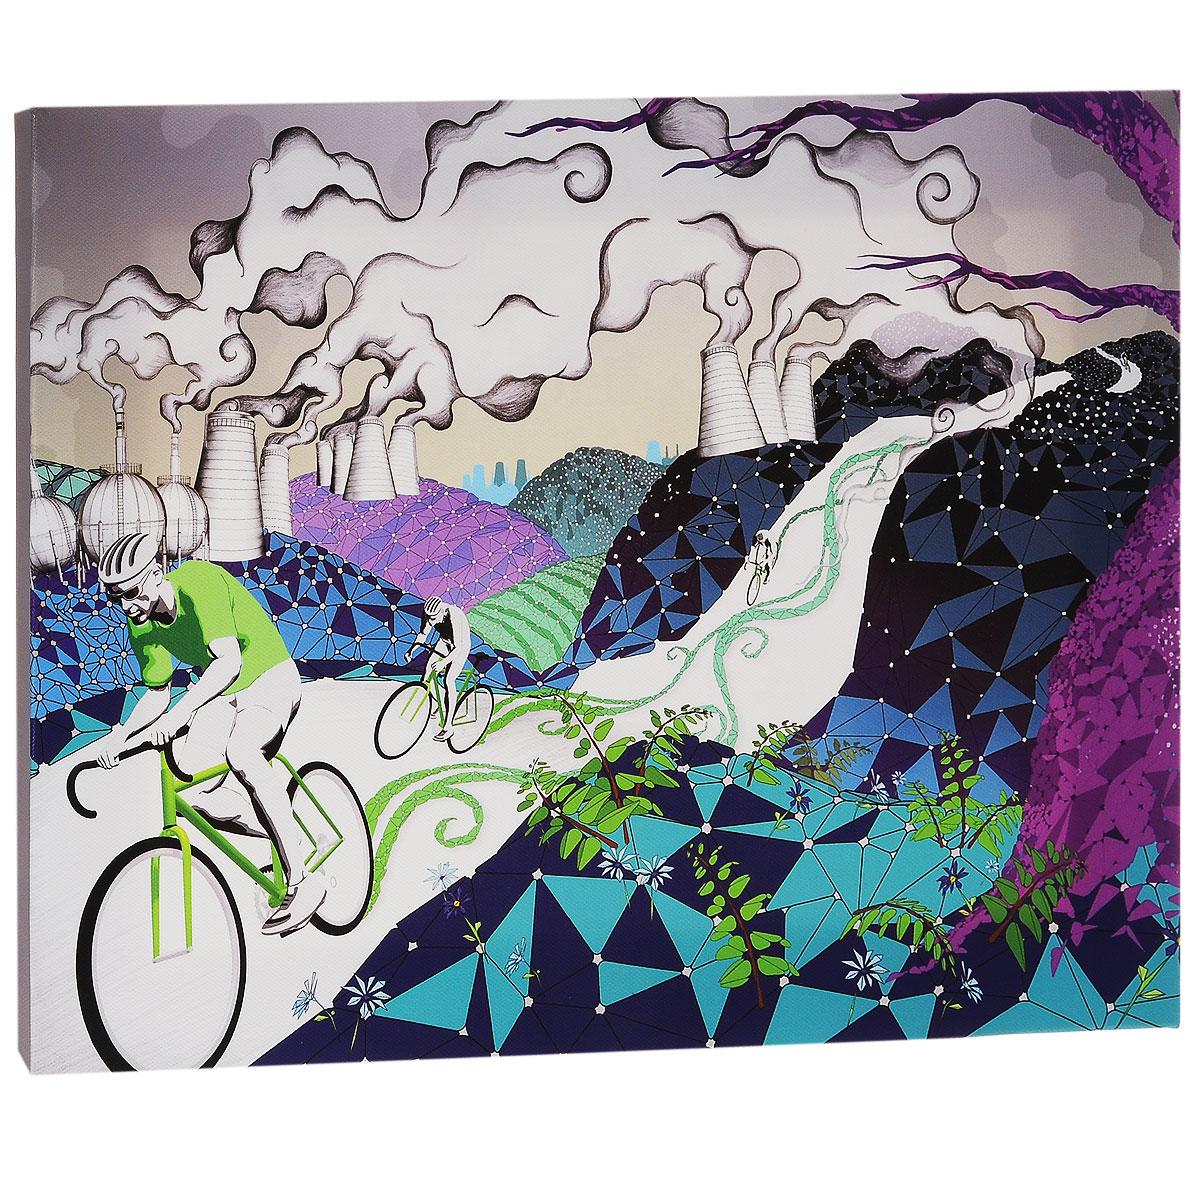 КвикДекор Картина на холсте Велосипеды, 40 см х 30 смKV10-007Картина на холсте КвикДекор Велосипеды - это прекрасное украшение для вашей гостиной или спальни. Она привнесет в интерьер яркий акцент и сделает обстановку комфортной и уютной. A.k.A - лондонская студия-бутик, включающая в себя творческую группу художников, которые часто работают в тесном сотрудничестве друг с другом. Их работы были отмечены по всему миру для таких крупных компаний, как Dreamworks, Pepsi, Random House, Ford, Avia, Mazda, Future, TIME, Phillip Morris, Bacardi и многие другие. Студия A.k.A была даже номинирована на Оскар, как независимая студия анимации в Лондоне. Их работы создаются с помощью сочетания фотографий, 3D-моделирования, обработки в Photoshop, традиционного ретуширования, рисунка карандашом, векторной графики и пера и чернил. Этот уникальный и многоплановый стиль делает студию A.k.A выдающейся. Работы художников-дизайнеров студии сразу бросаются в глаза и мало кого оставляют равнодушными. Картина на холсте КвикДекор Велосипеды не нуждается в рамке или багете - галерейная натяжка холста на подрамники выполнена очень аккуратно, а боковые части картины запечатаны продолжением картинки либо тоновой заливкой. На обратной стороне подрамника есть отверстие, благодаря которому картину можно легко закрепить на стене, и подкорректировать ее положение. Картина на холсте Велосипеды дизайн-студии A.k.A станет отличным украшением для вашего интерьера!